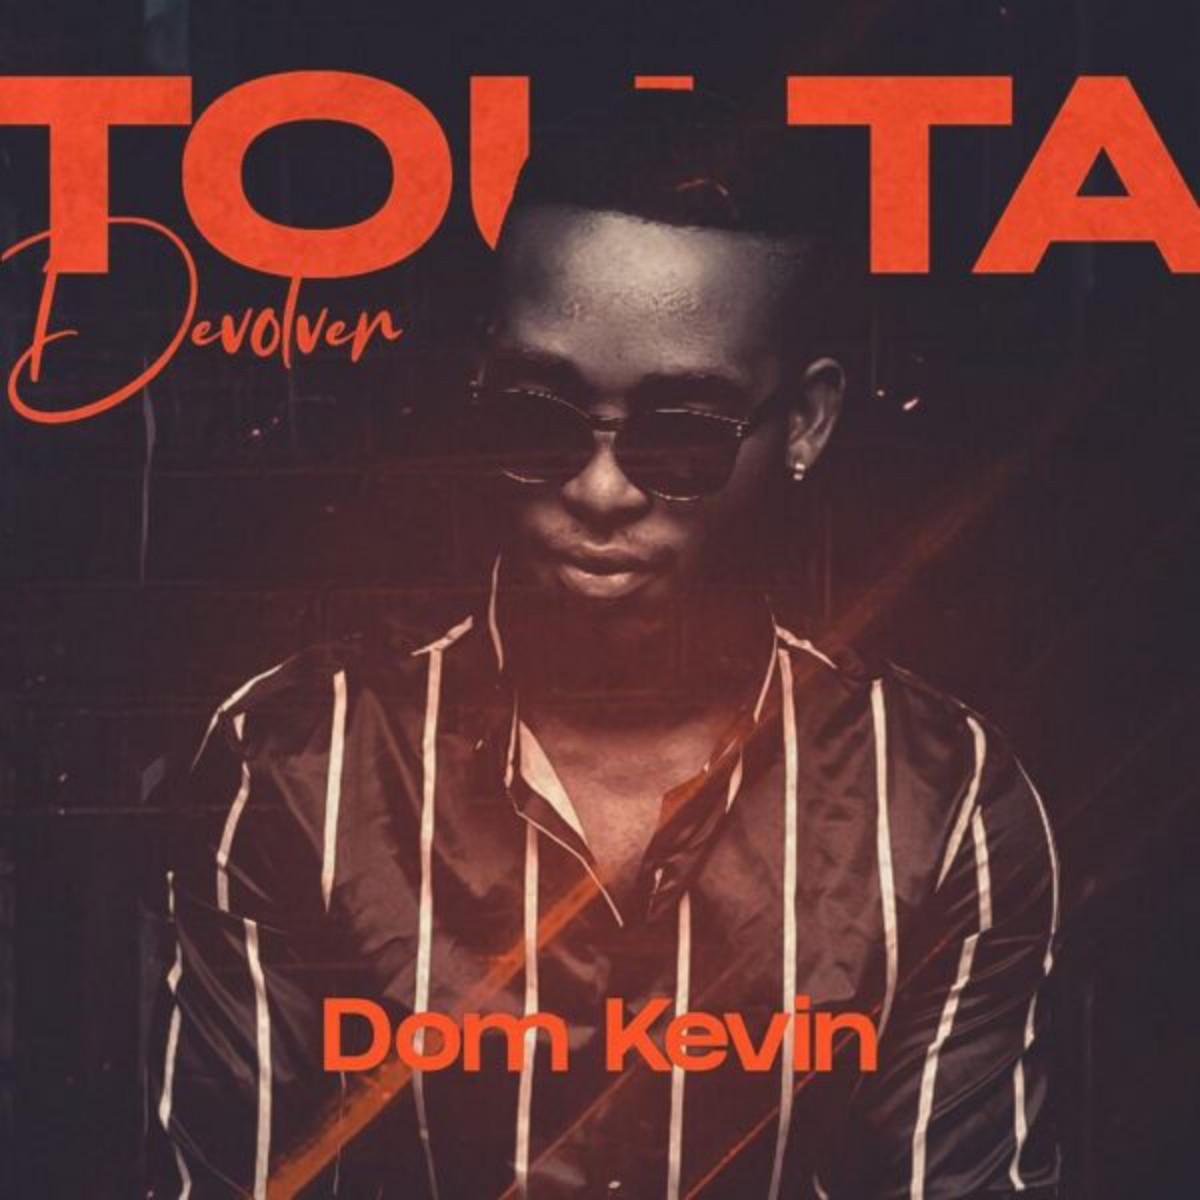 Dom Kevin - Tou Ta Devolver (Cozinha Mal)